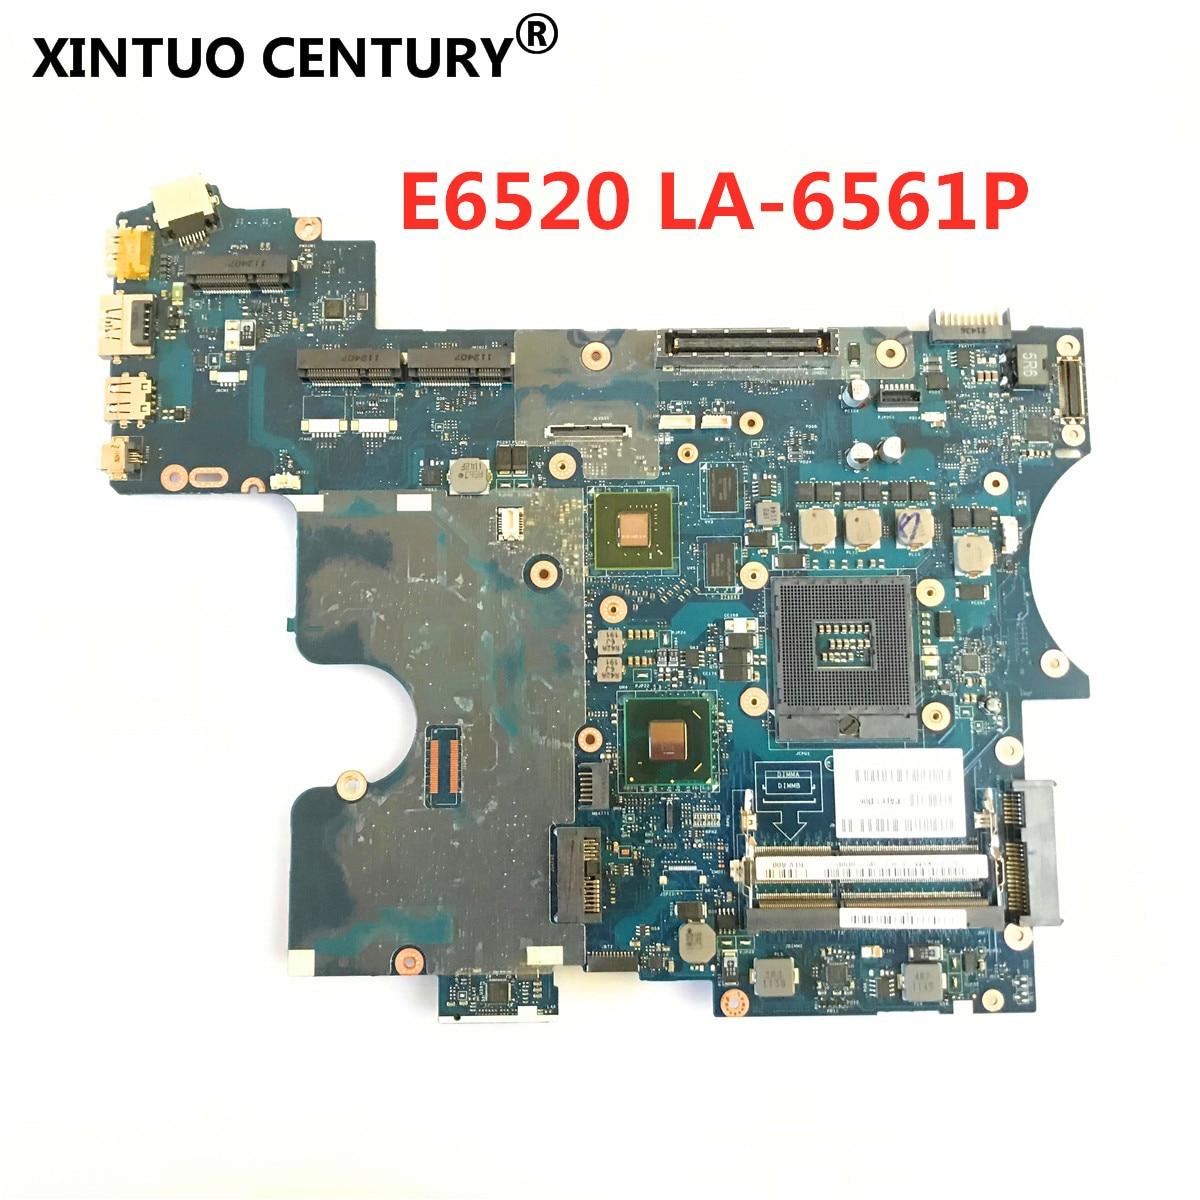 Материнская плата ноутбука Dell Latitude E6520 CN-0T5KFM 0T5KFM T5KFM PAL61 LA-6561P 100% работает хорошо